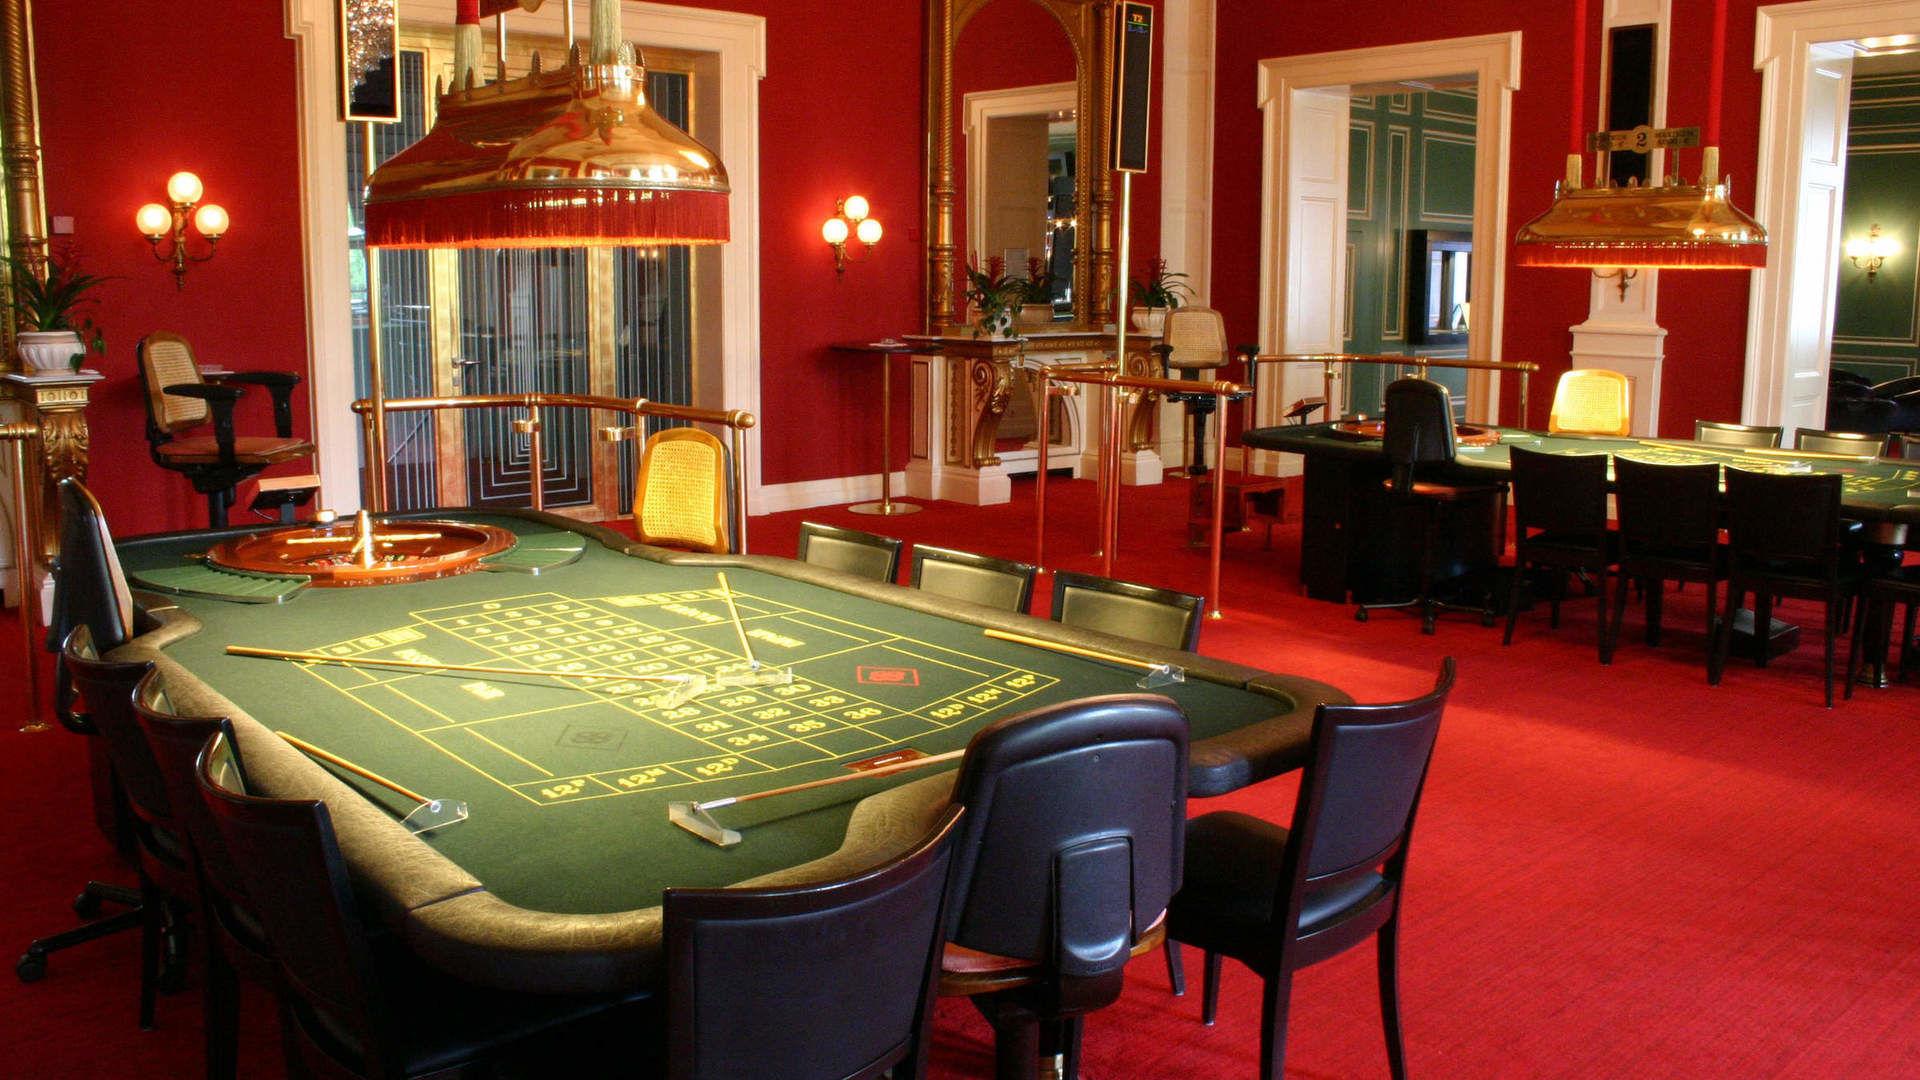 wellnesshotel casino